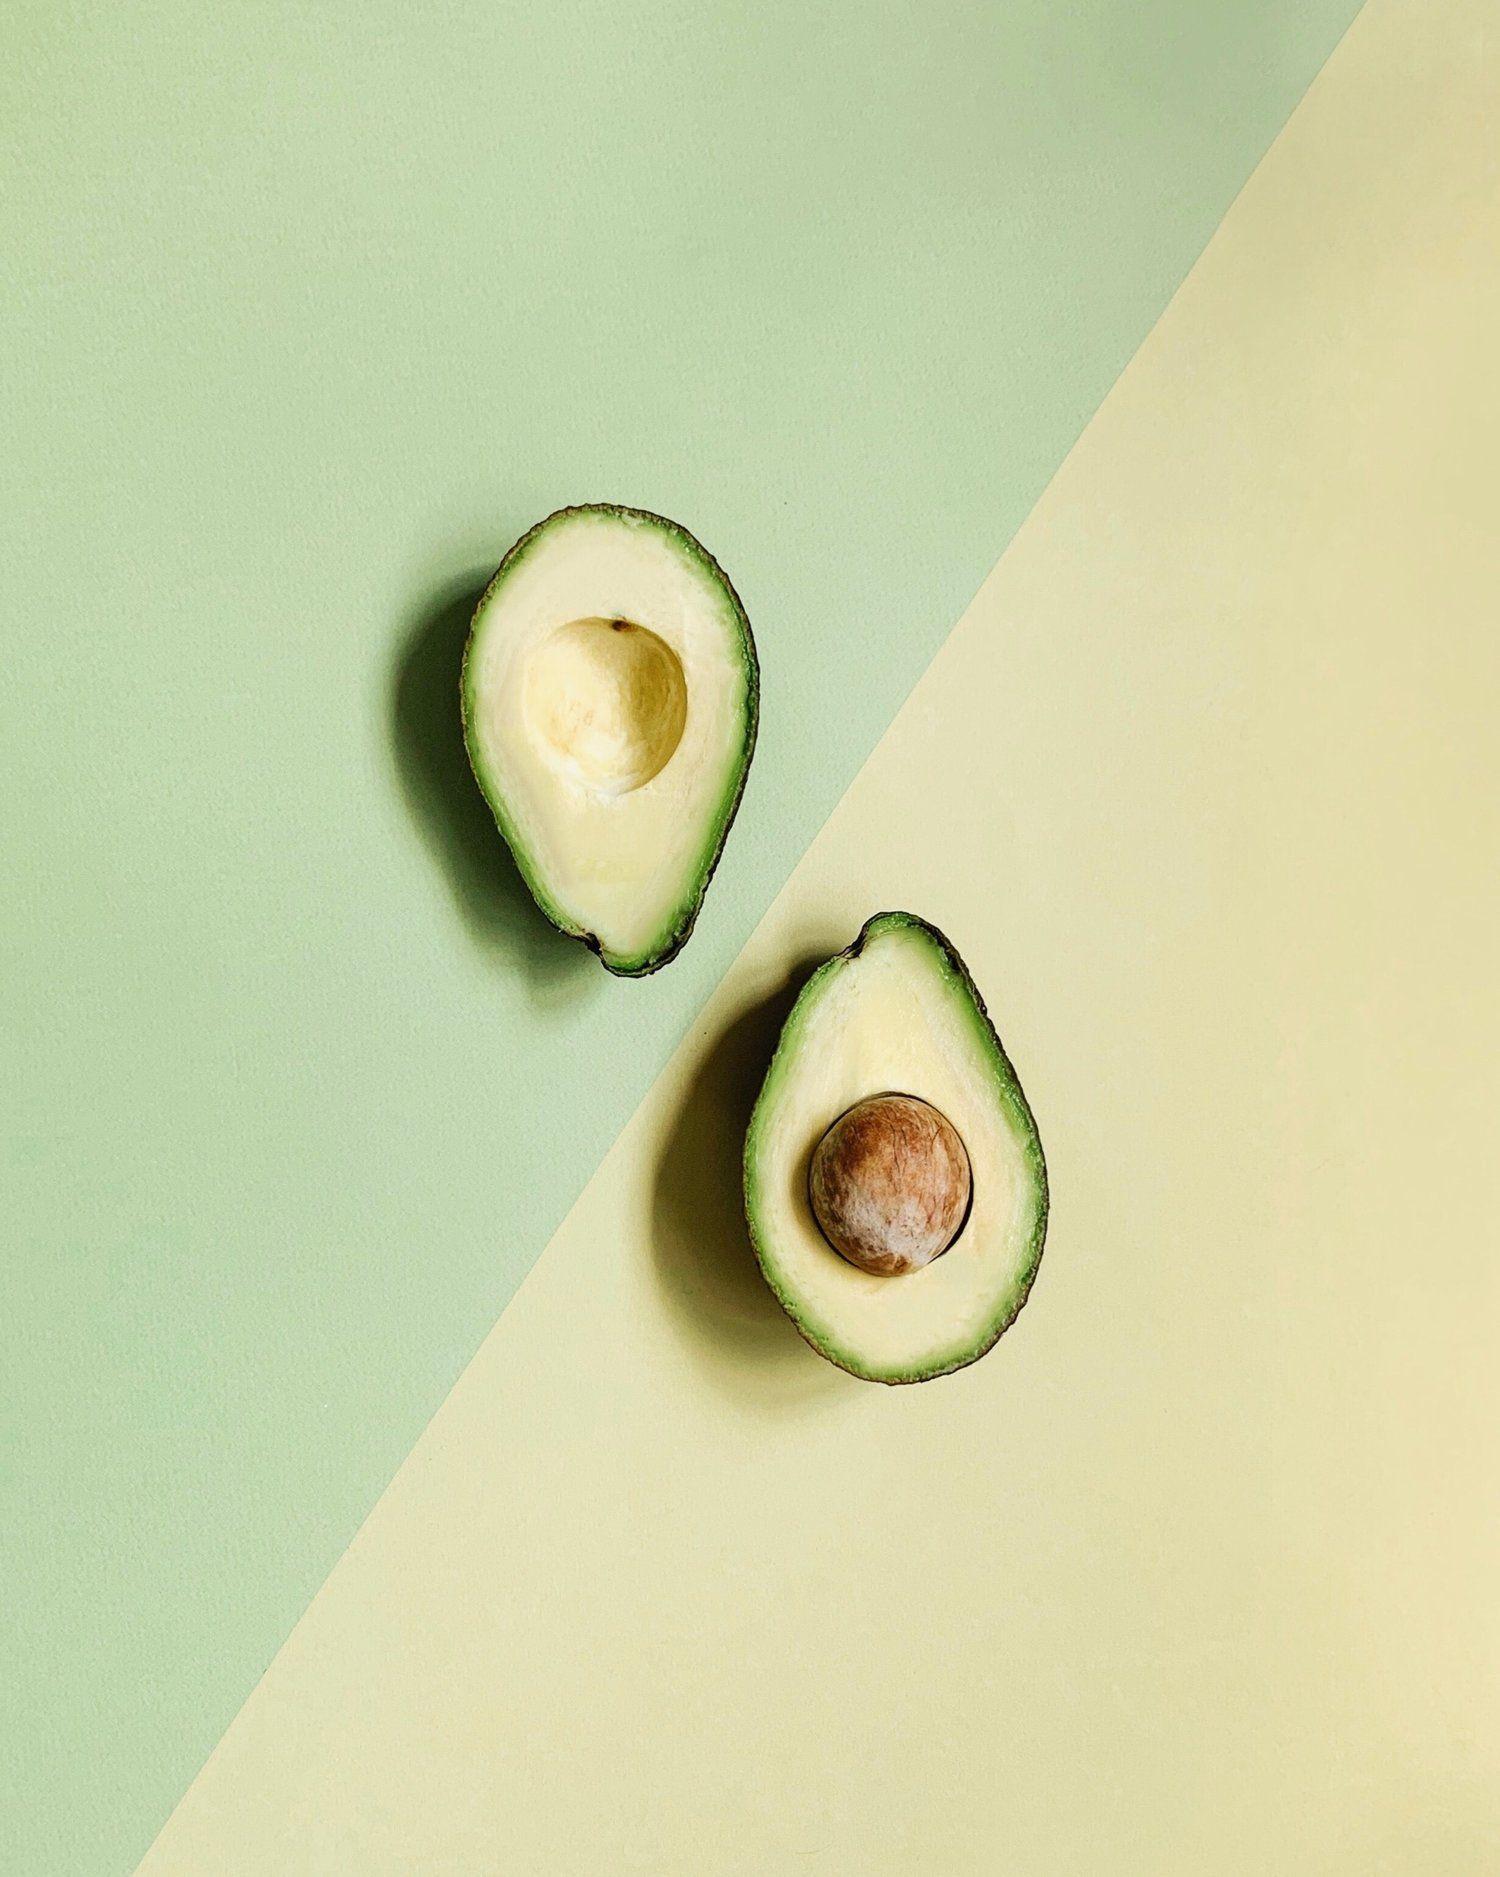 12 Avocado Smoothie Recipes + 3 Secret Avocado Benefits